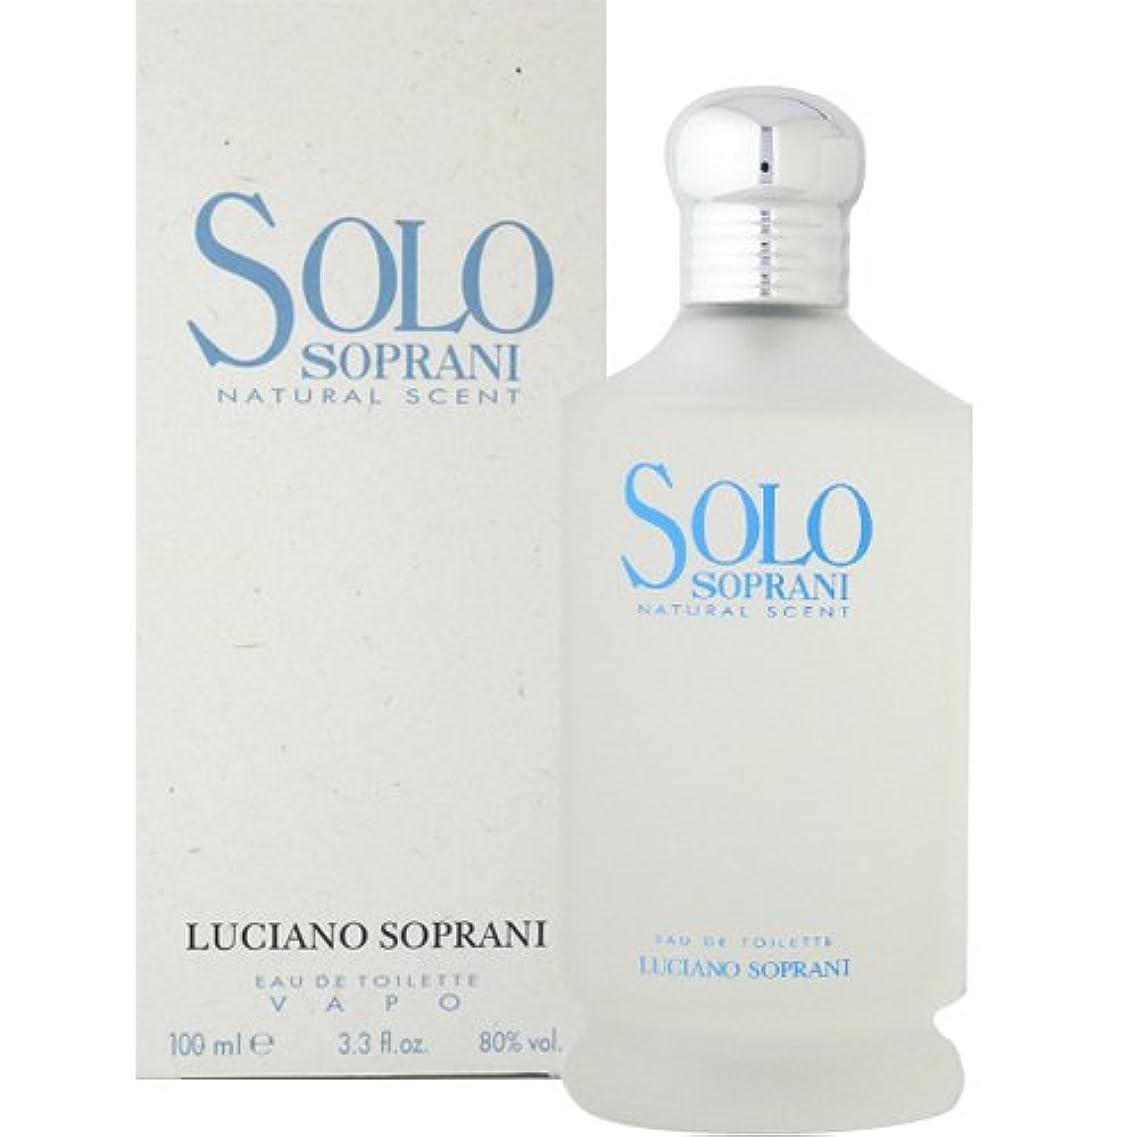 パズルアウターインストールルチアーノ ソプラーニ LUCIANO SOPRANI ソロ EDT SP 100ml [並行輸入品]